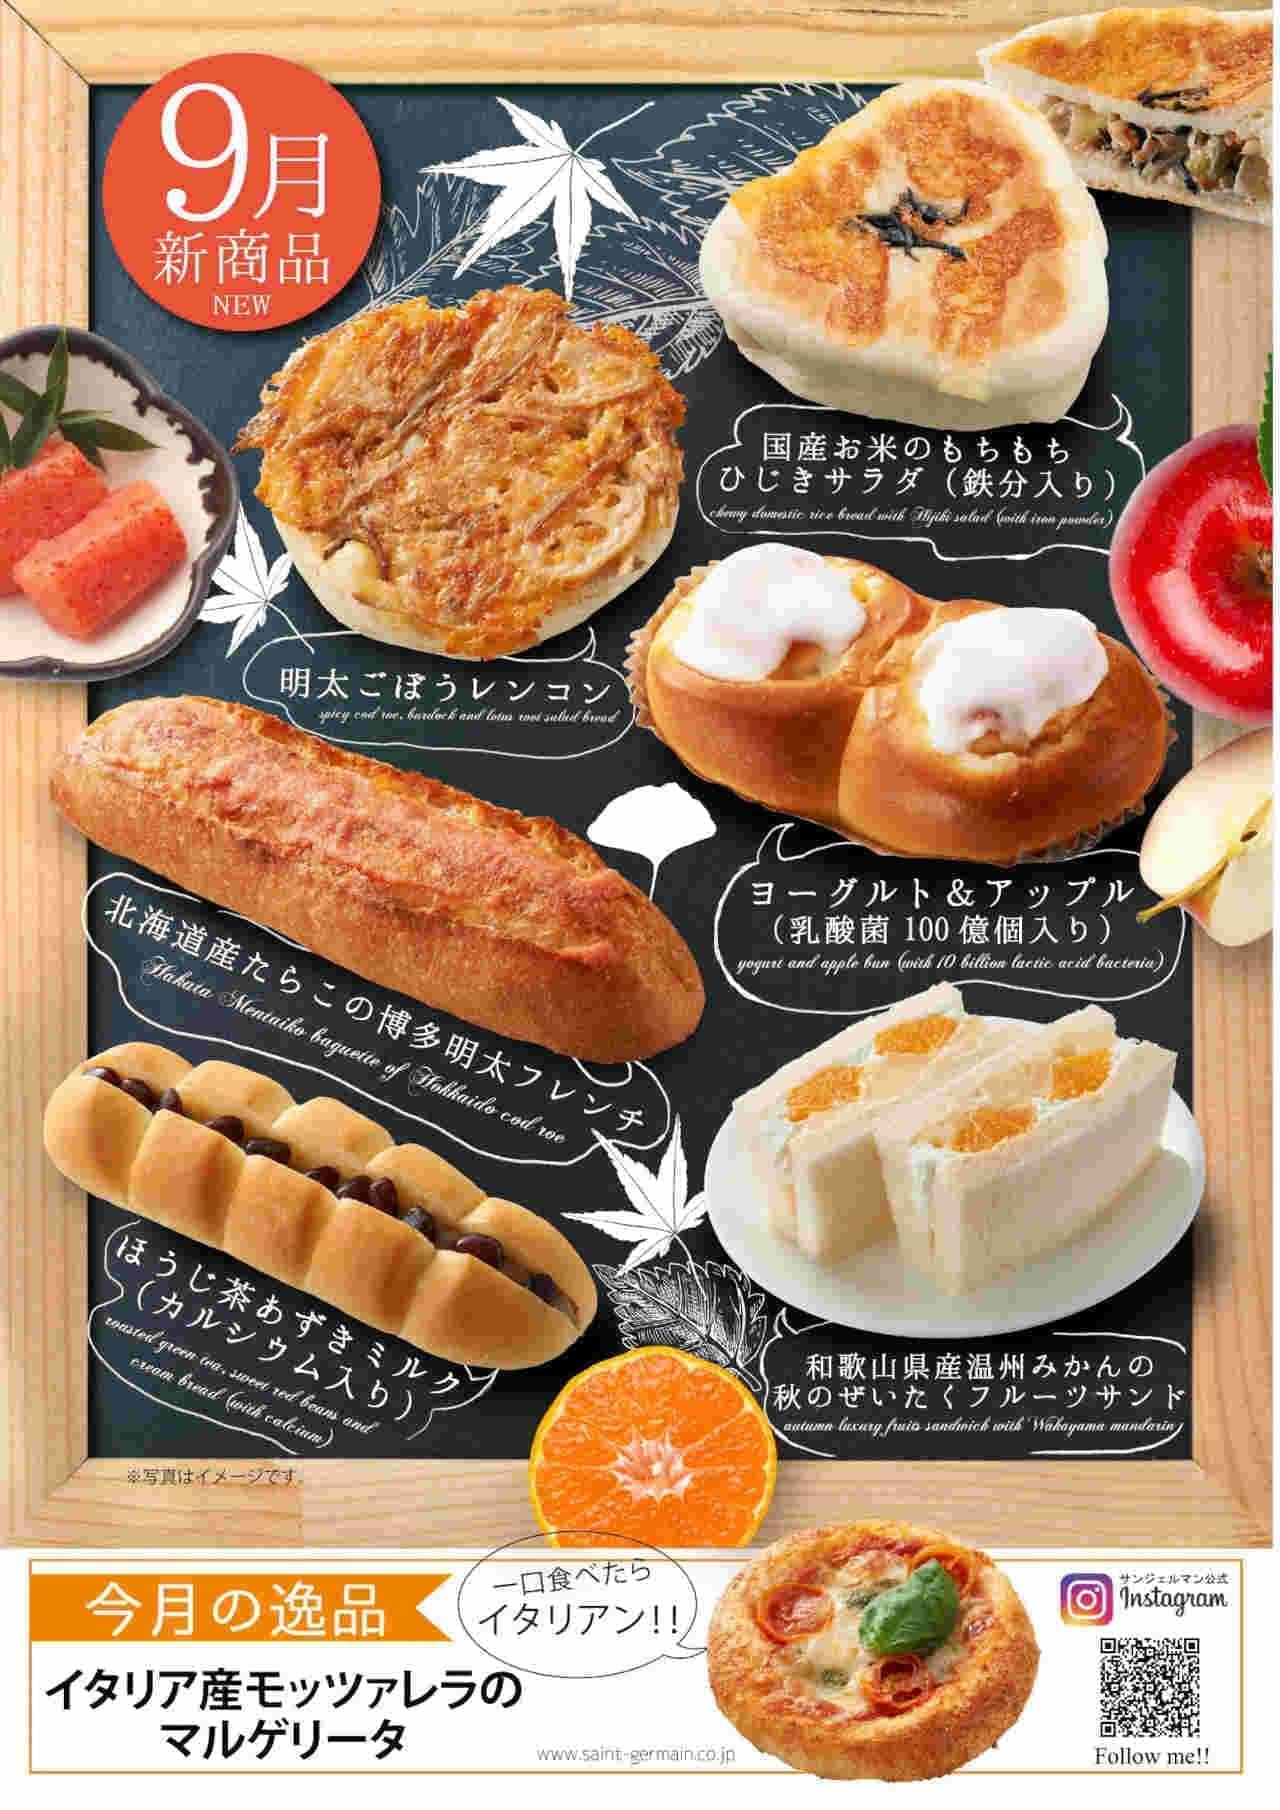 「国産お米のもちもちひじきサラダ(鉄分入り)」などサンジェルマン9月の新作パンまとめ